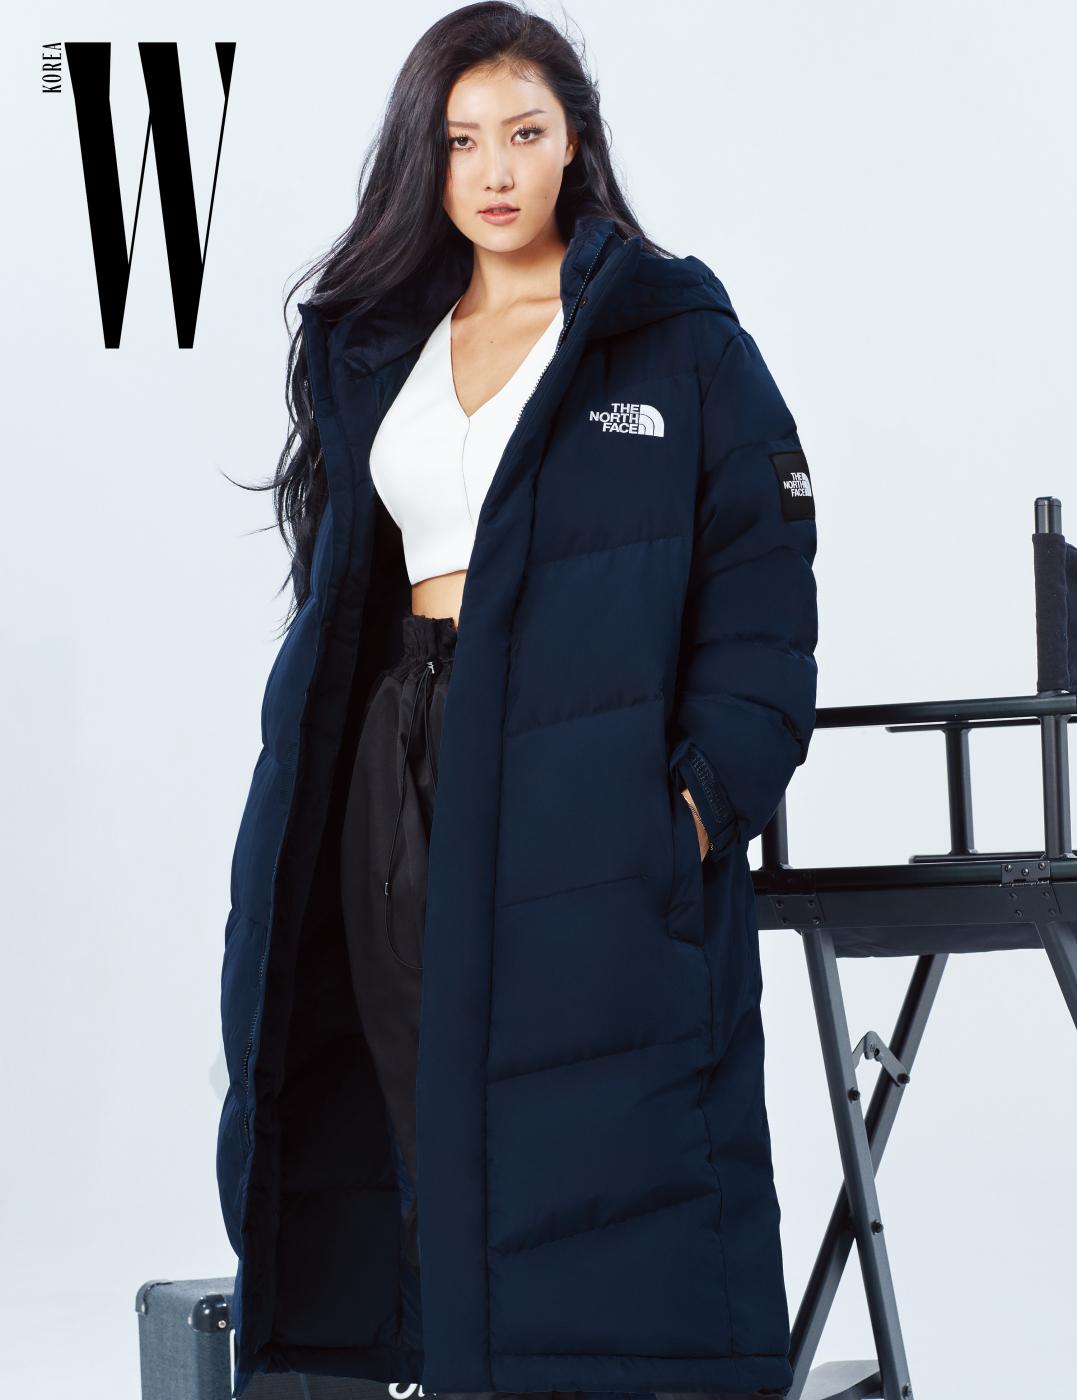 베이식한 디자인이 돋보이는 다크 네이비 컬러의 익스플로링 2 엑소 코트 (Exploring 2 Exo Coat)는 29만원. The North Face 제품.